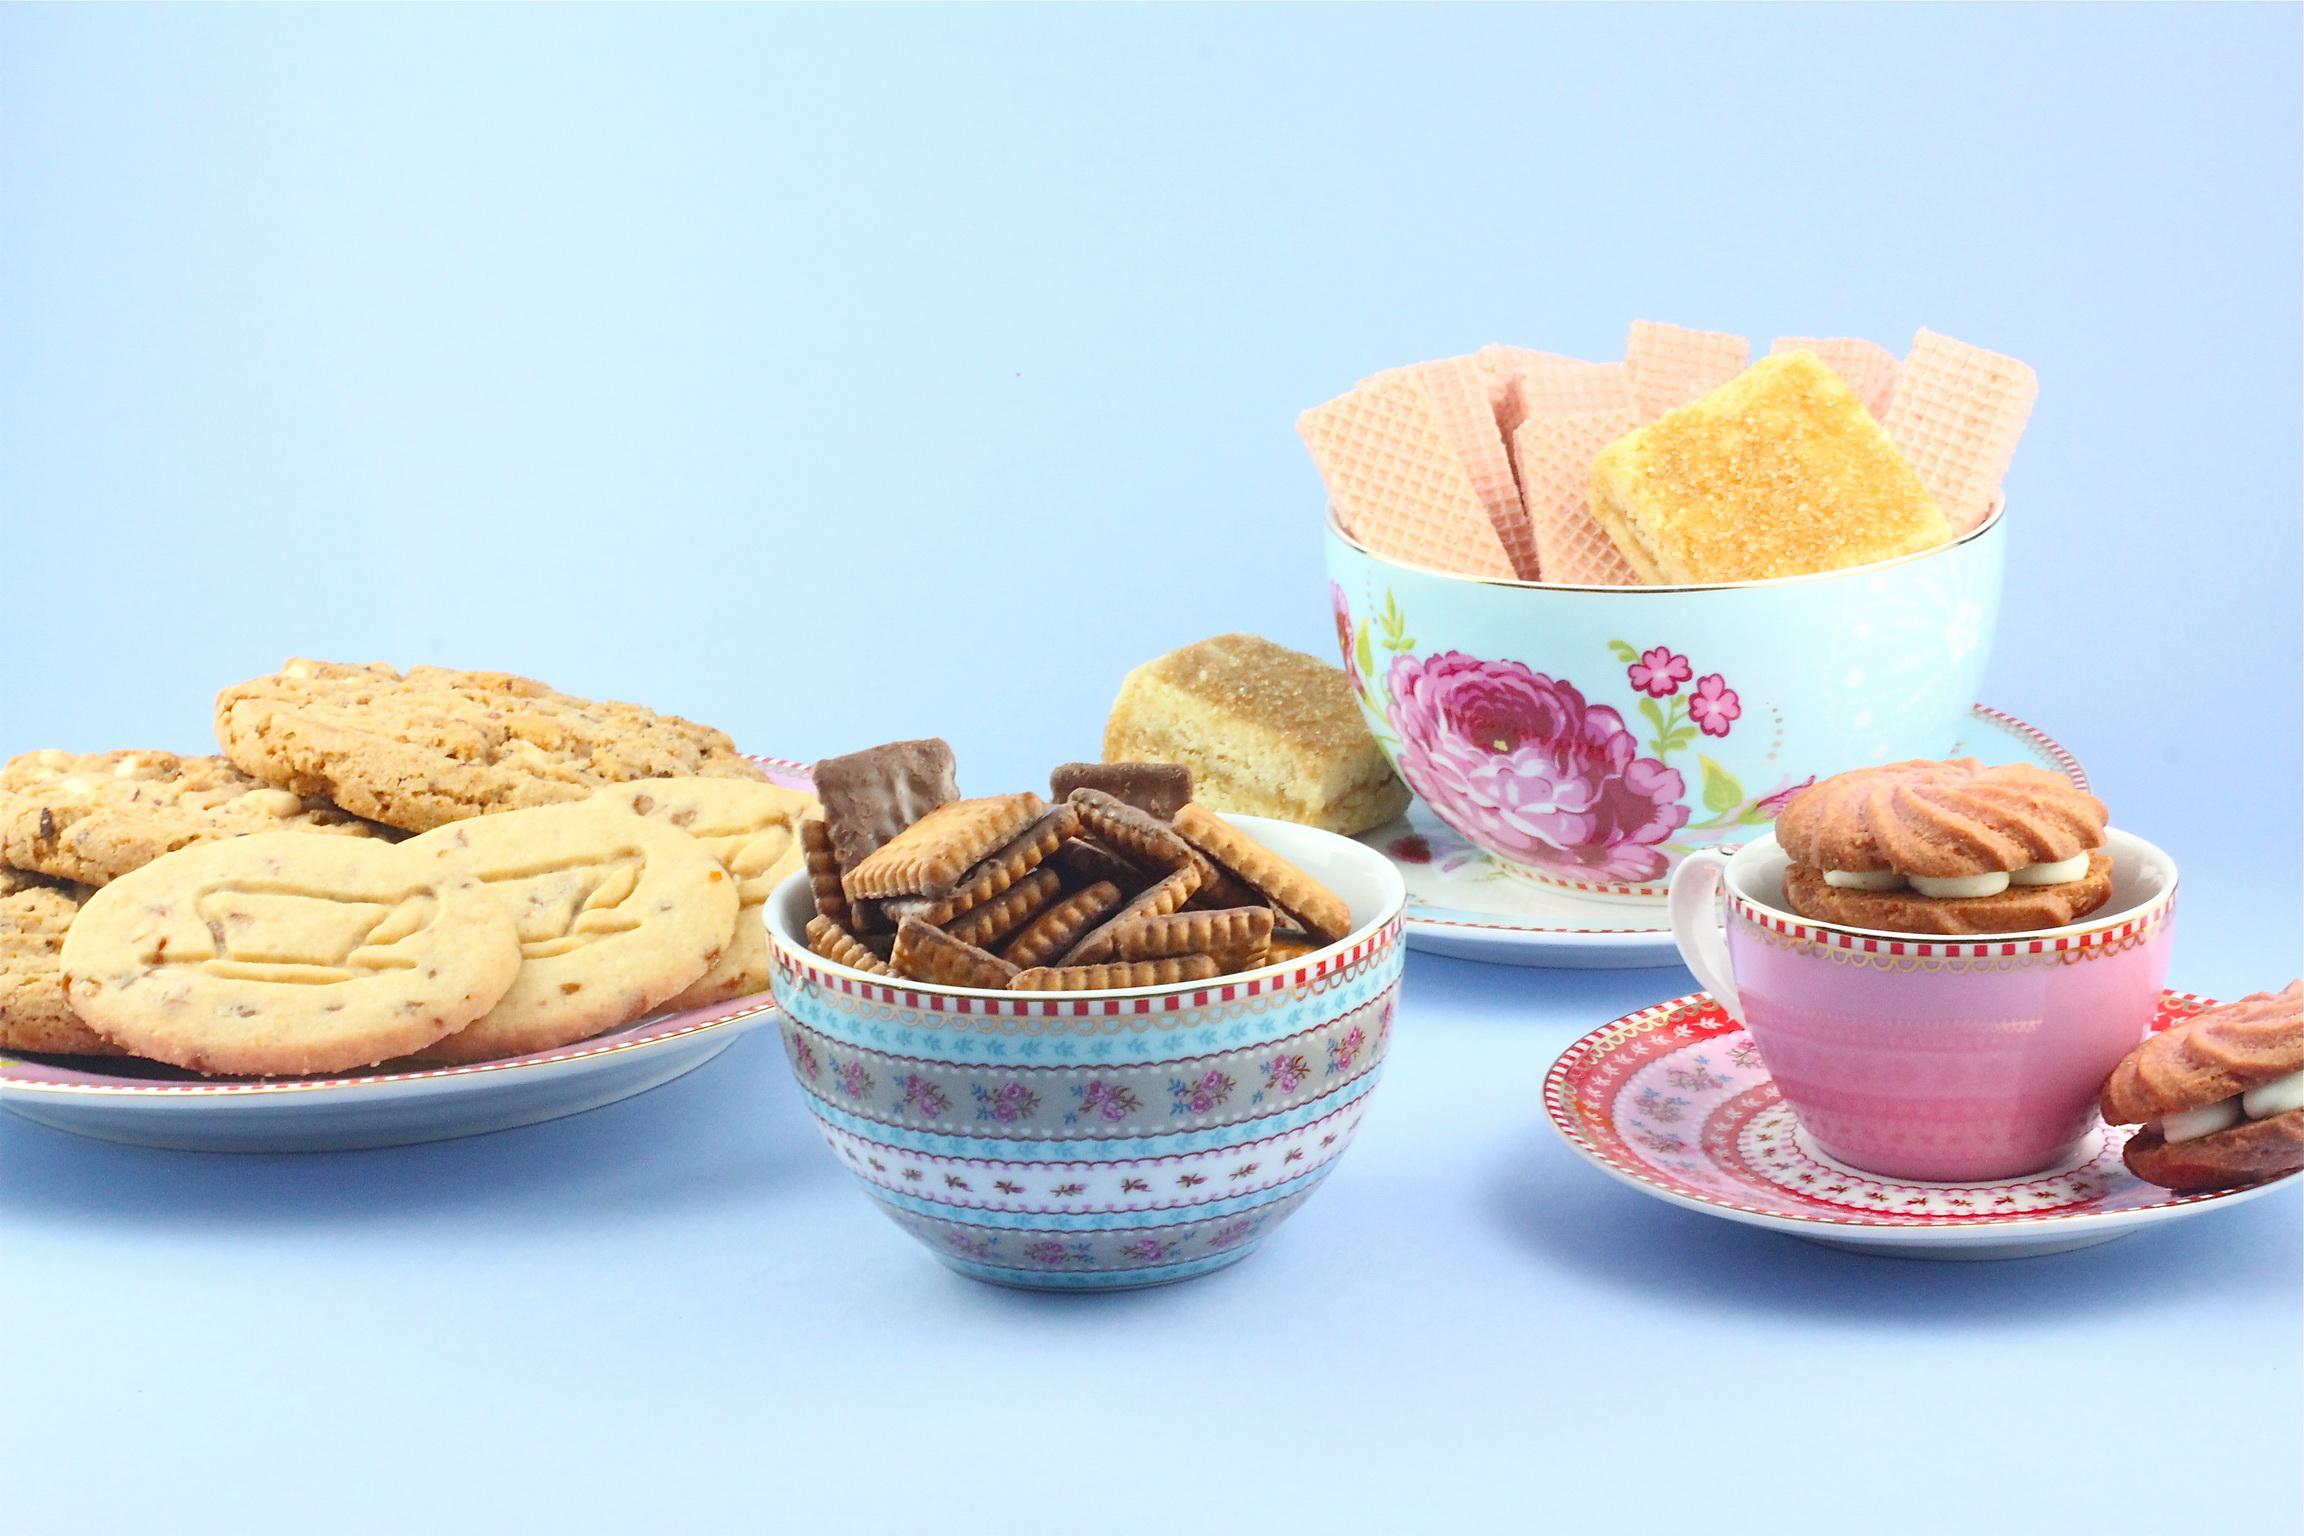 еда печенье кружка food cookies mug  № 2147271 загрузить